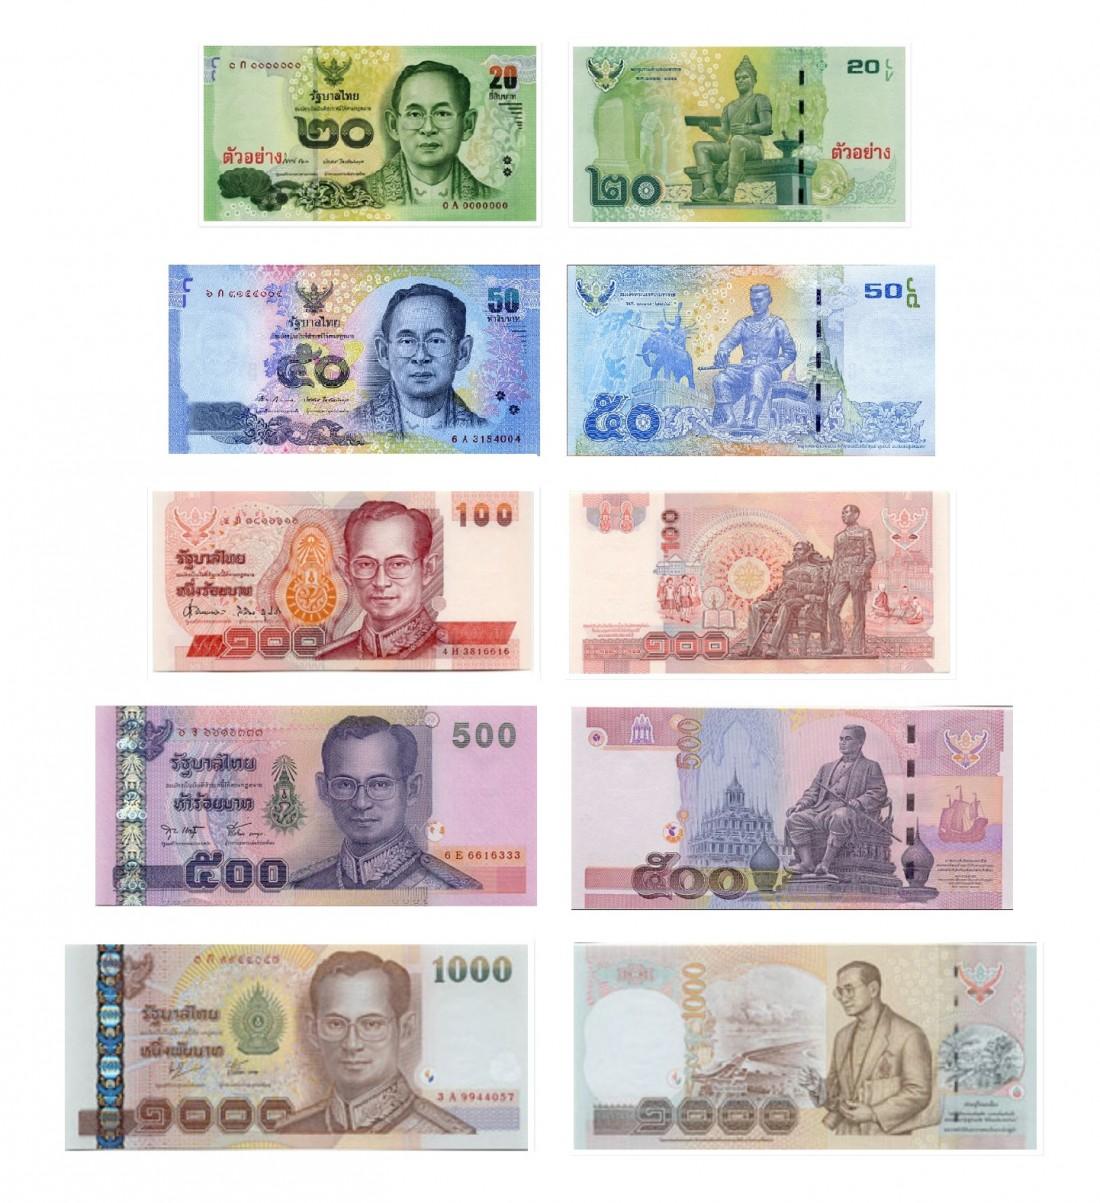 واحد پول تایلند